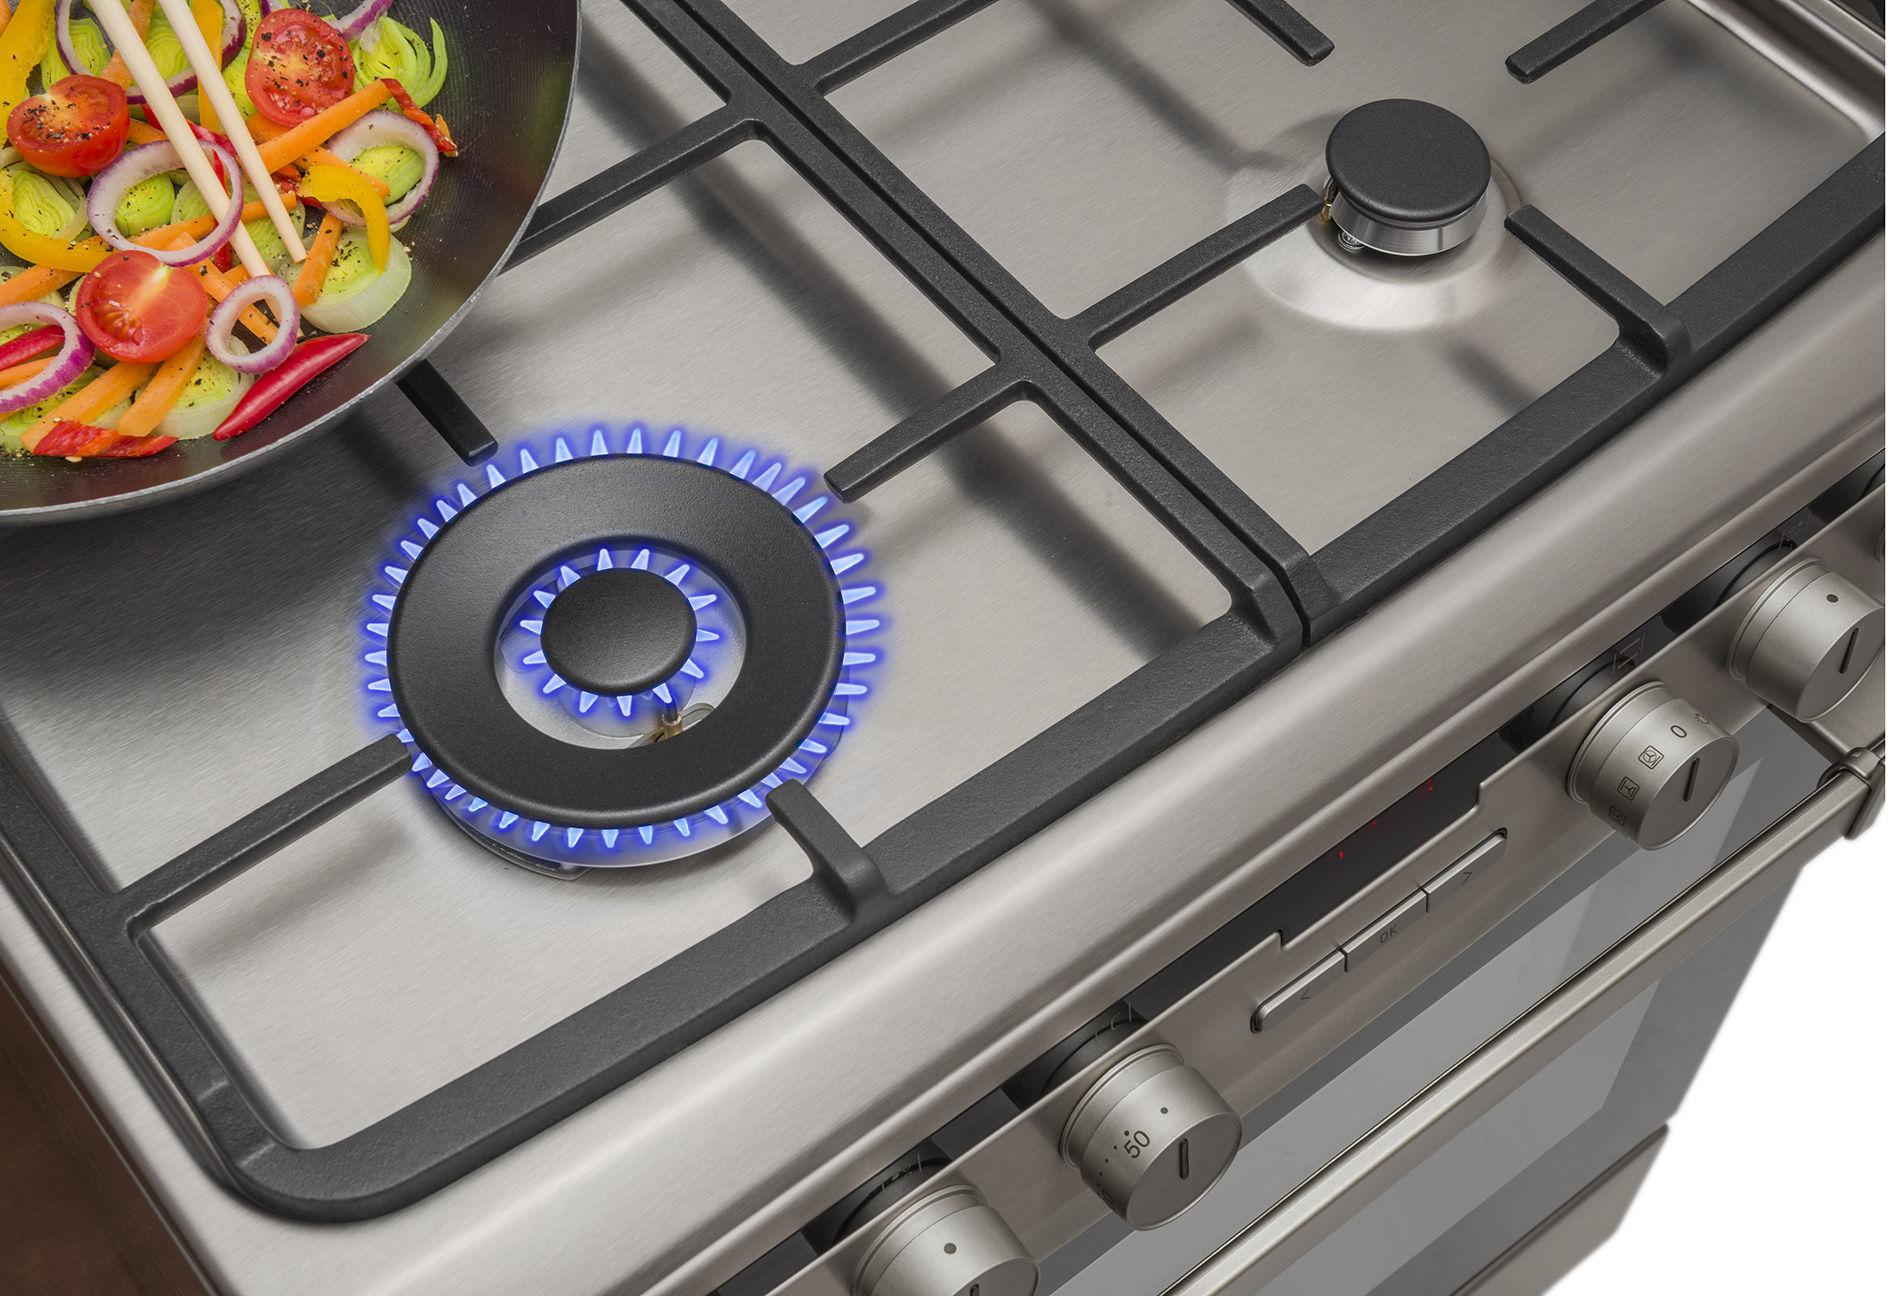 Kuchnia wolnostojąca gazowo elektryczna 600 618GE3 39HZpTaDpNAQ(Xx)  Amica